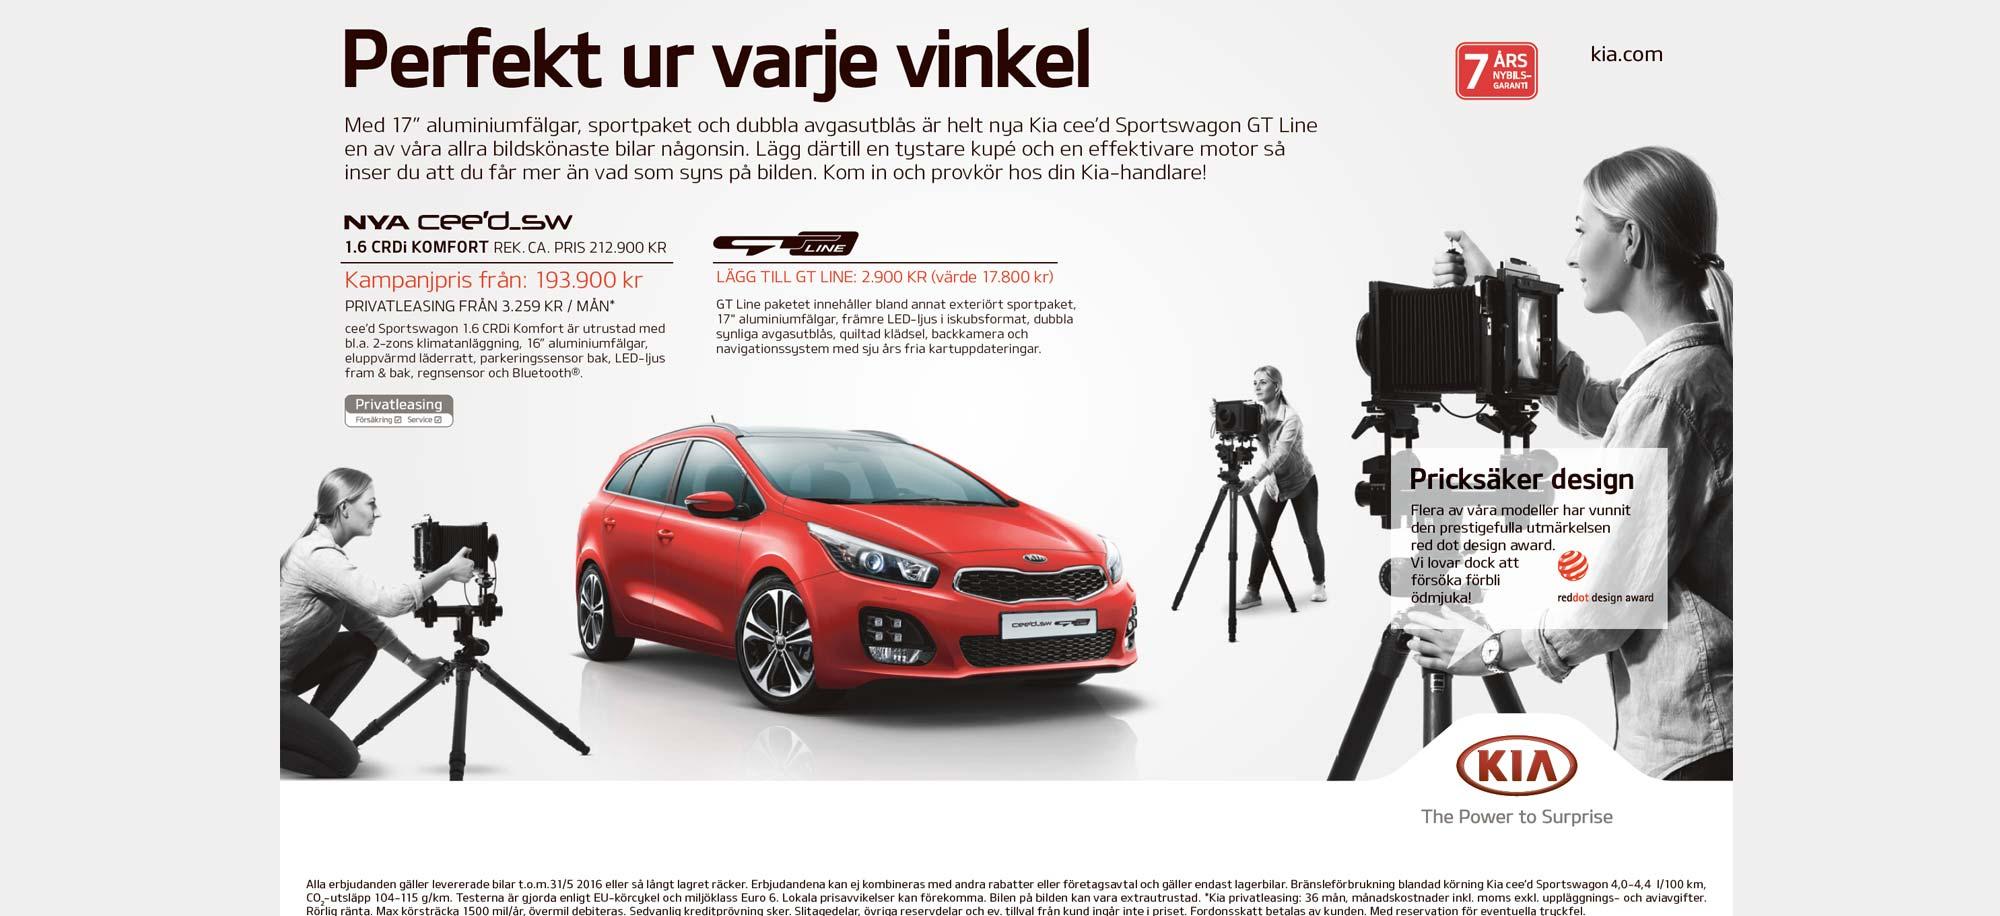 kia_vinkel_slide